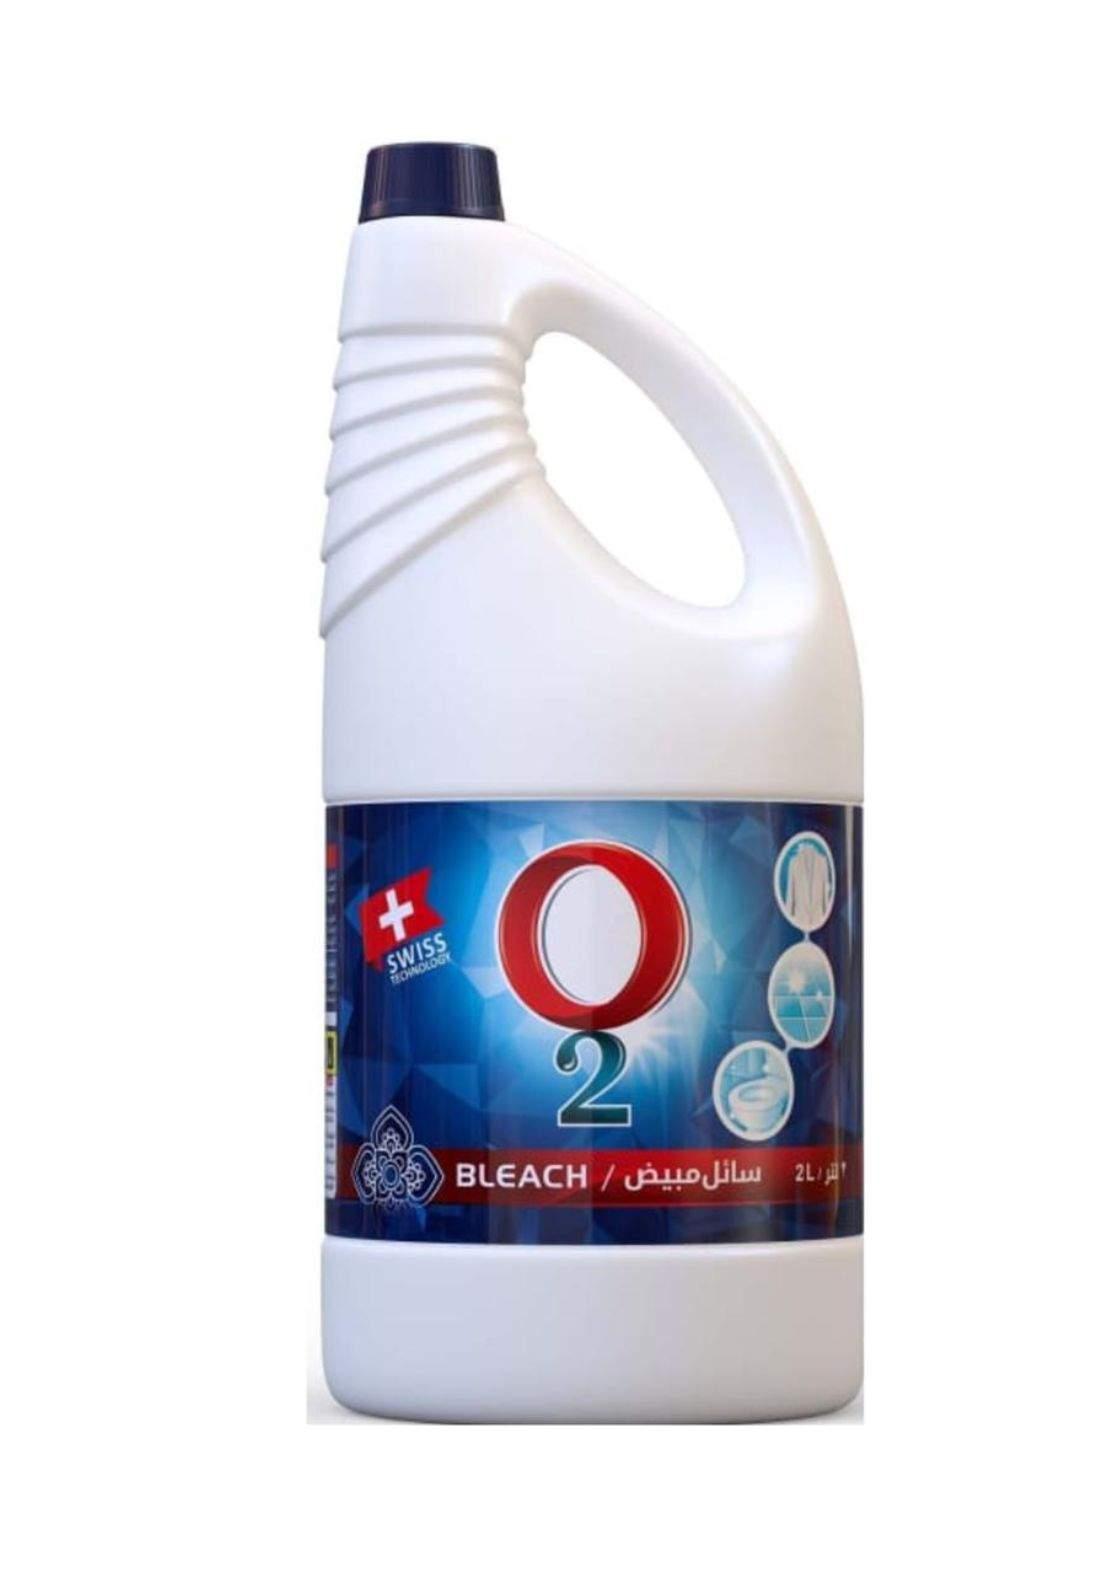 O2 bleach 2L اوتو سائل مبيض